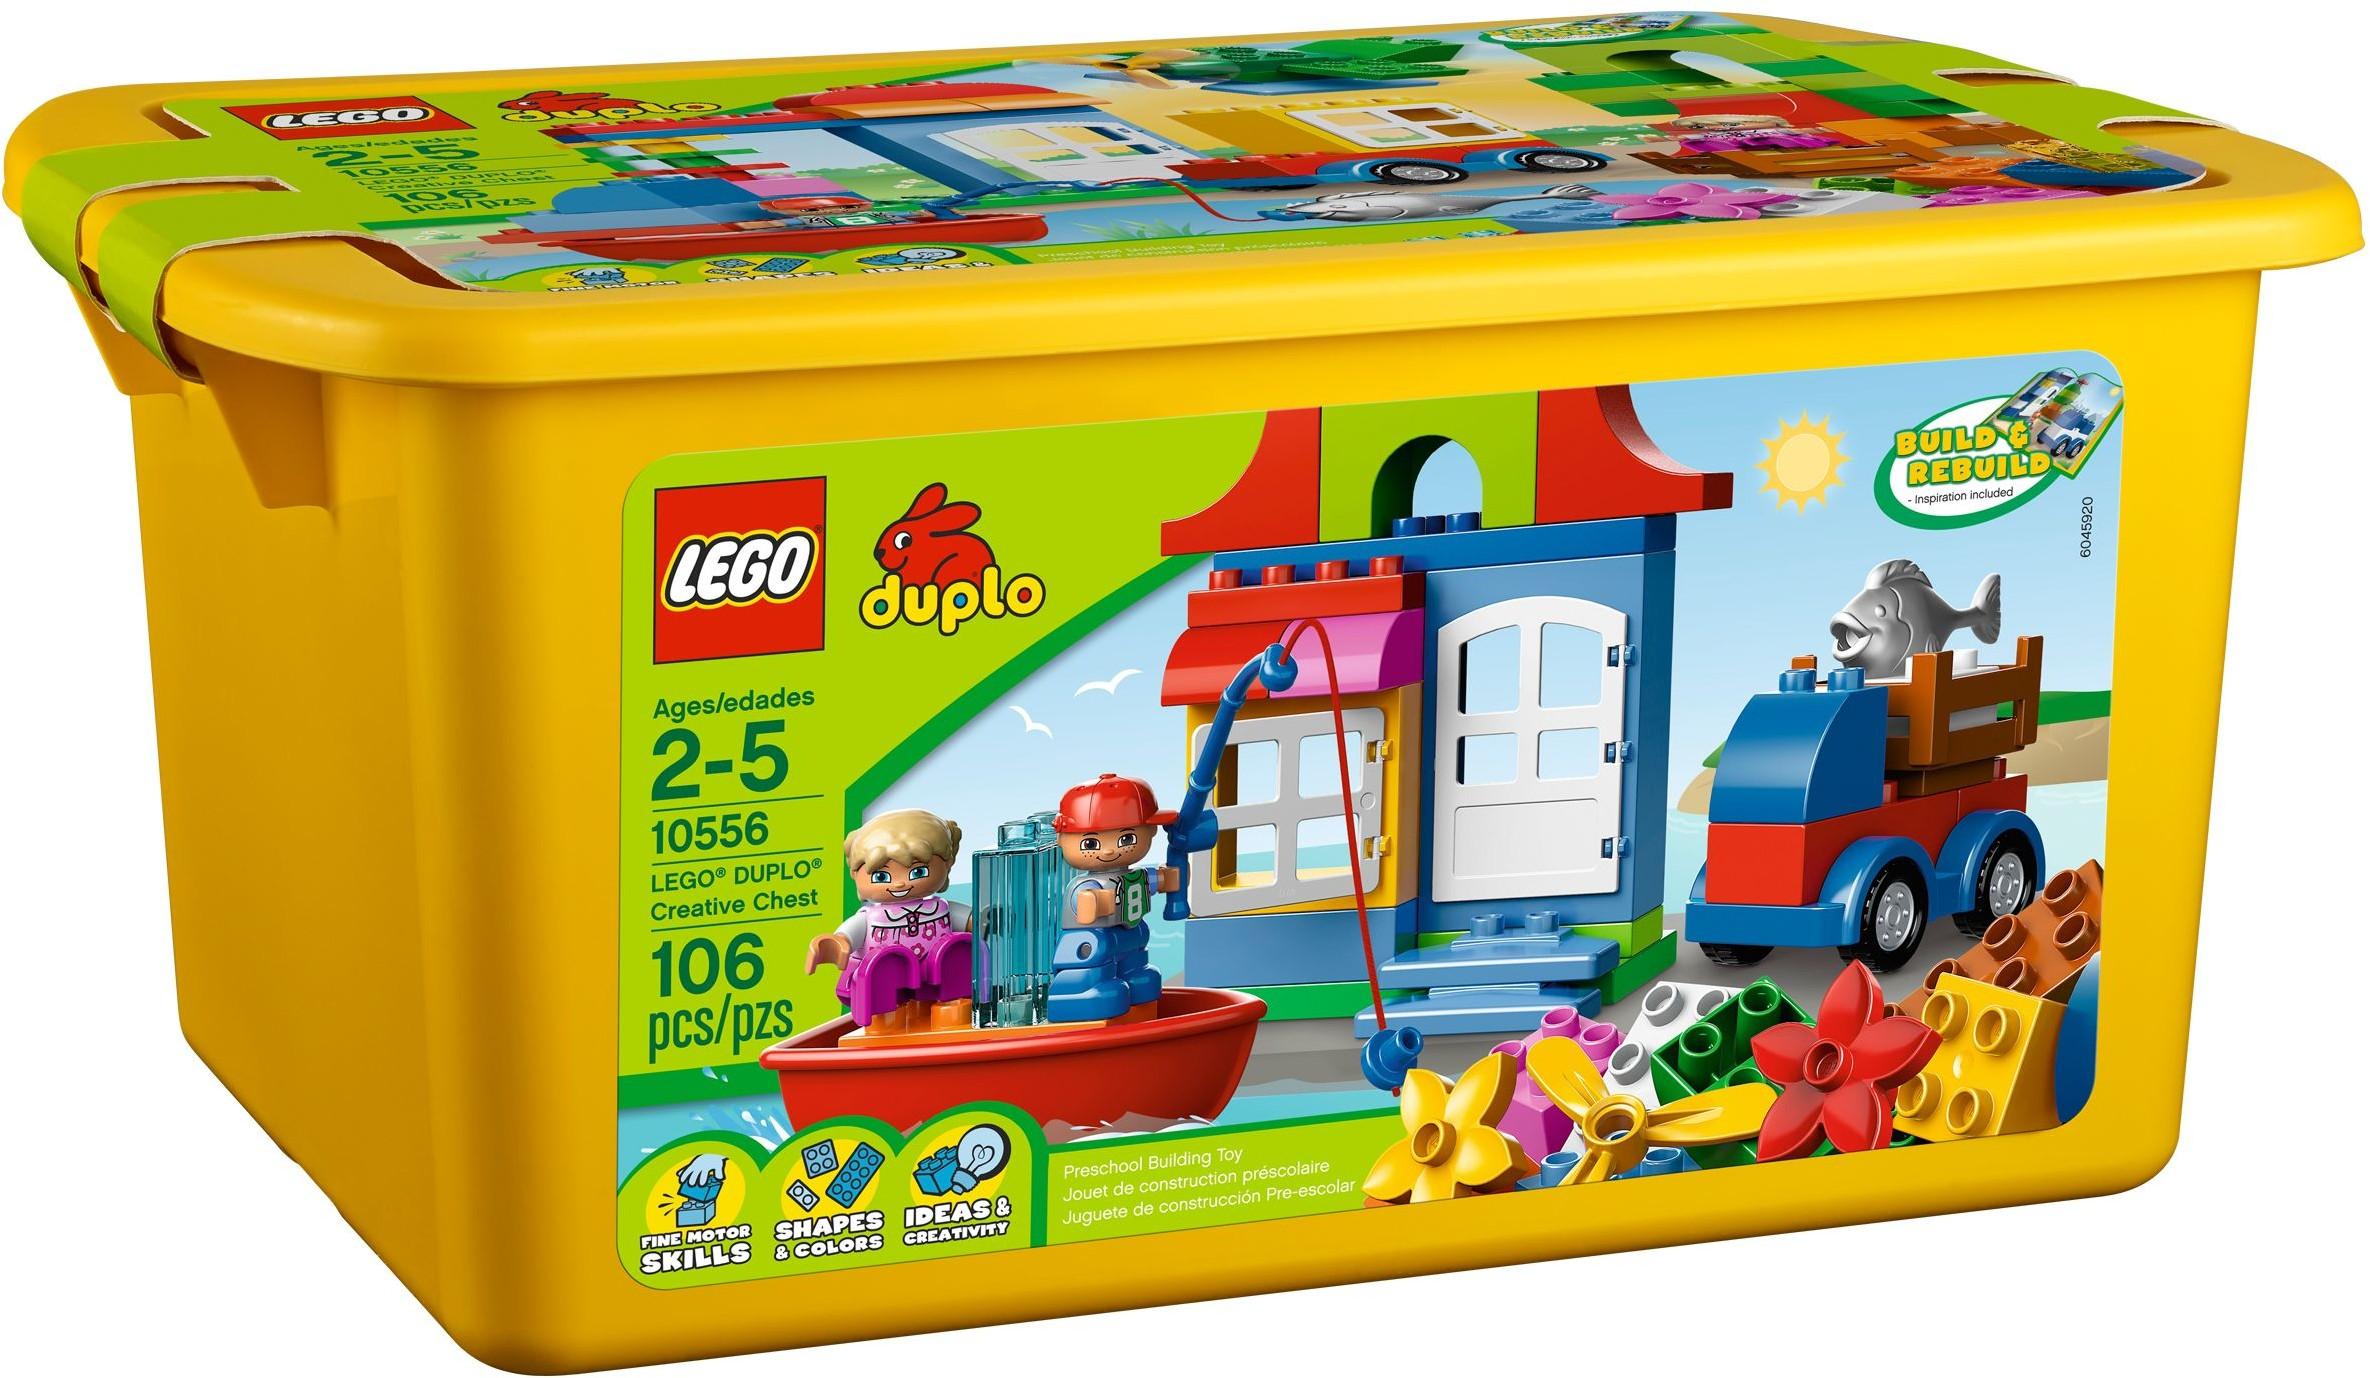 La Boite Jaune Prix lego duplo 10556 pas cher, maxi caisse jaune lego duplo